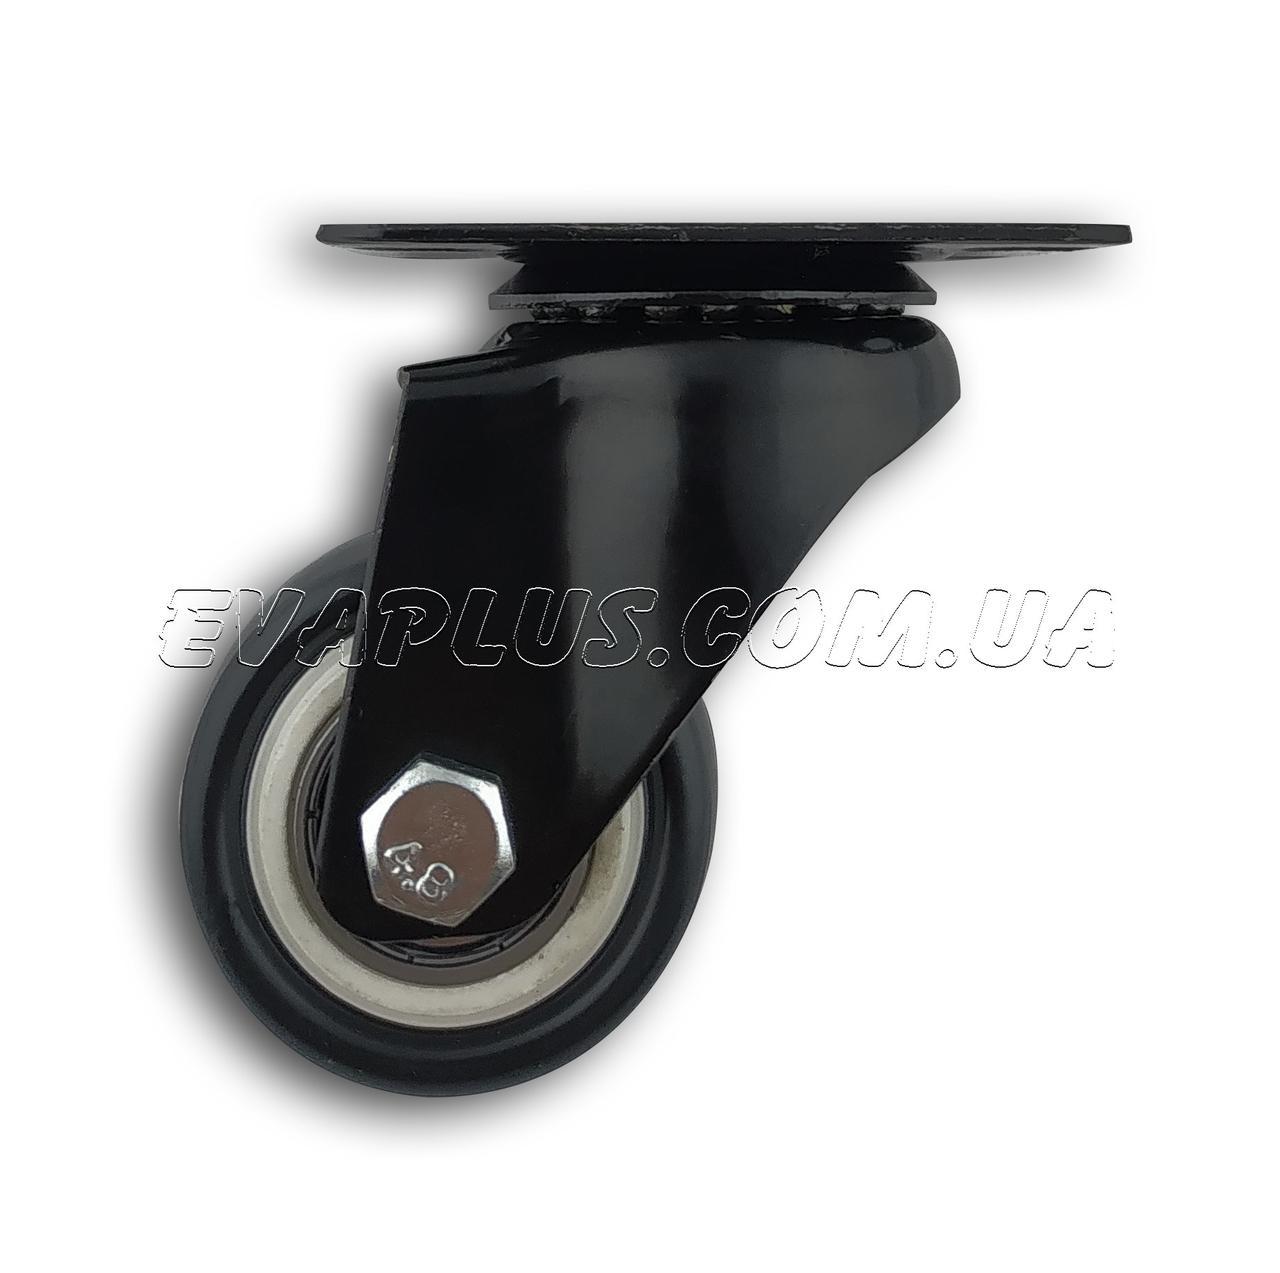 Поворотное колесо 41 мм в металлическом корпусе на платформе